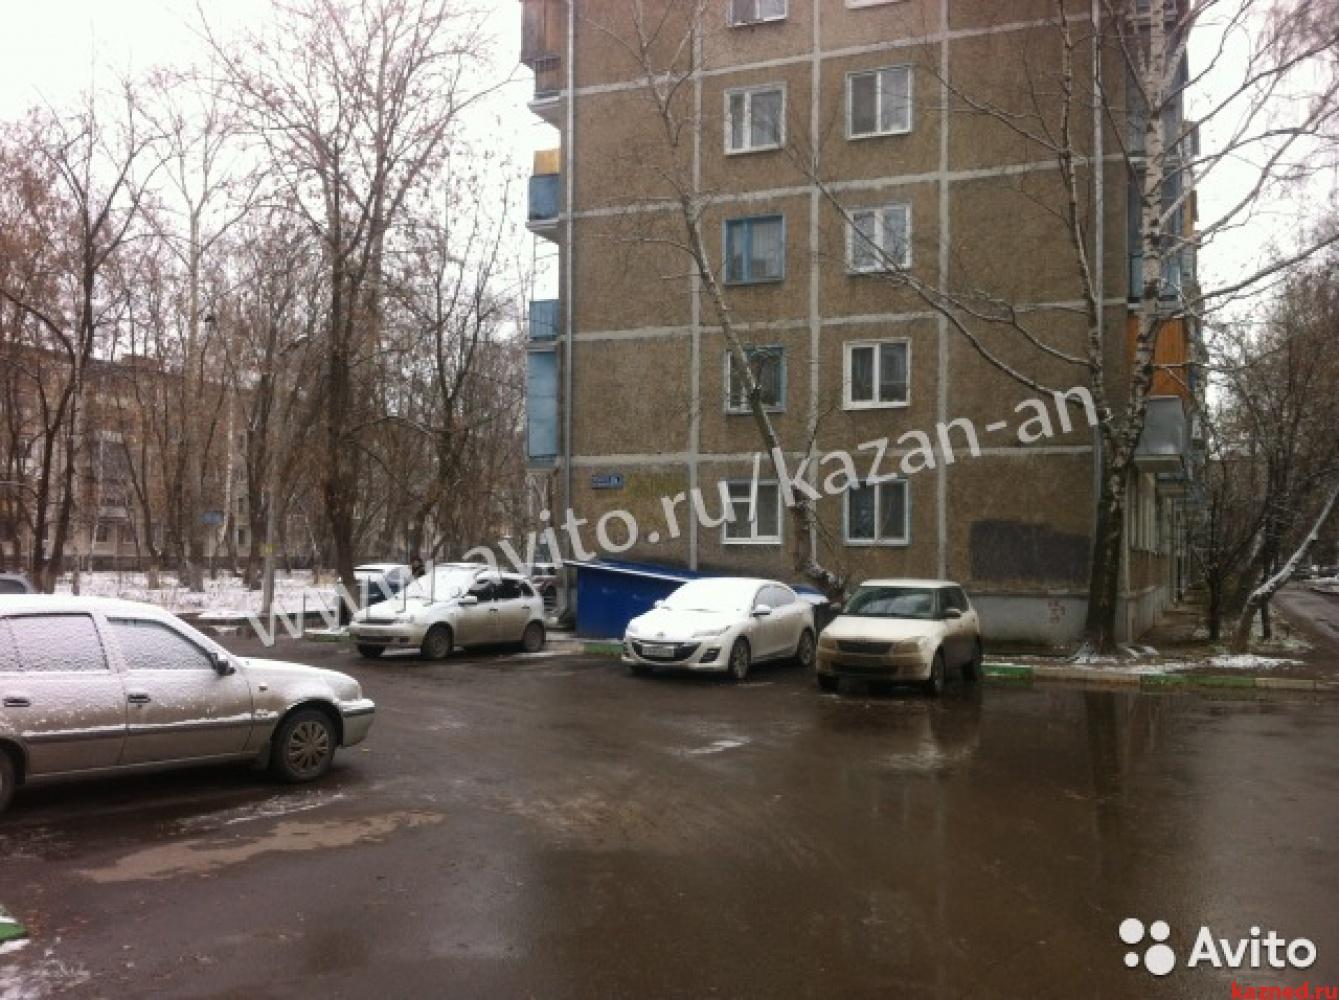 Продажа 1-к квартиры Батыршина 40/2, 30 м²  (миниатюра №9)